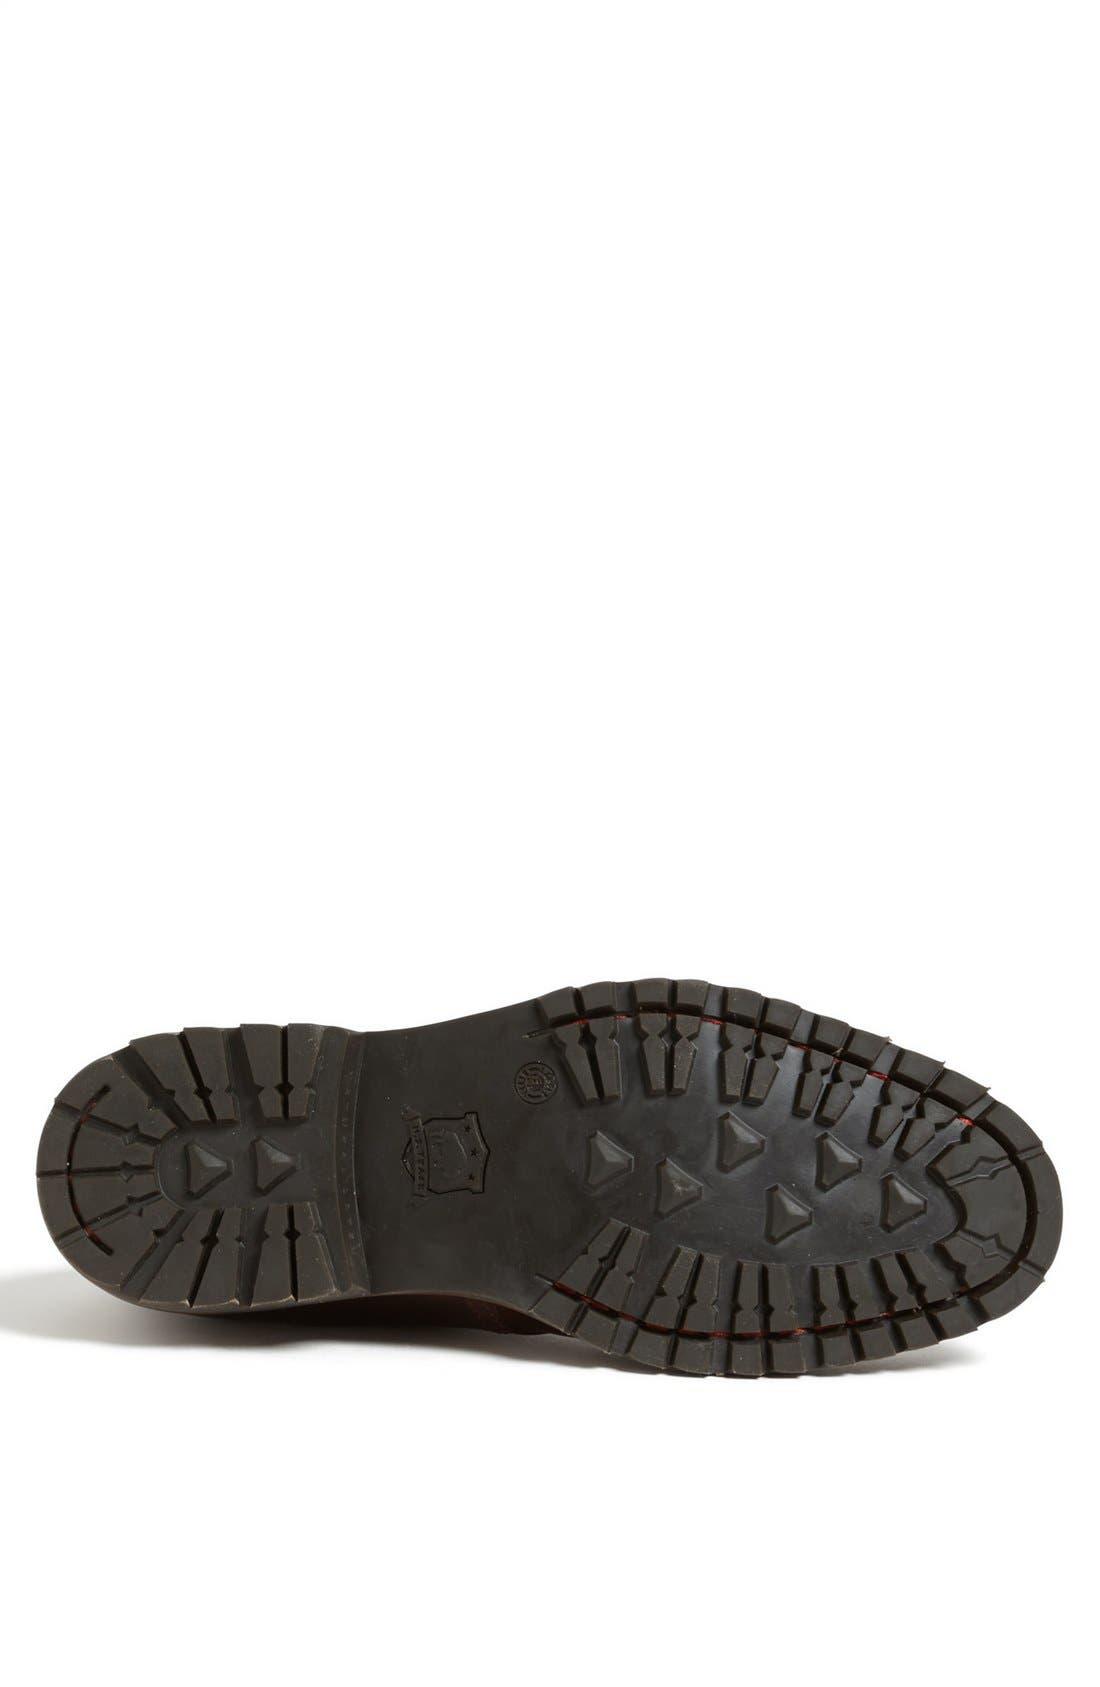 Alternate Image 4  - Trask 'Garland' Saddle Shoe (Men) (Online Only)